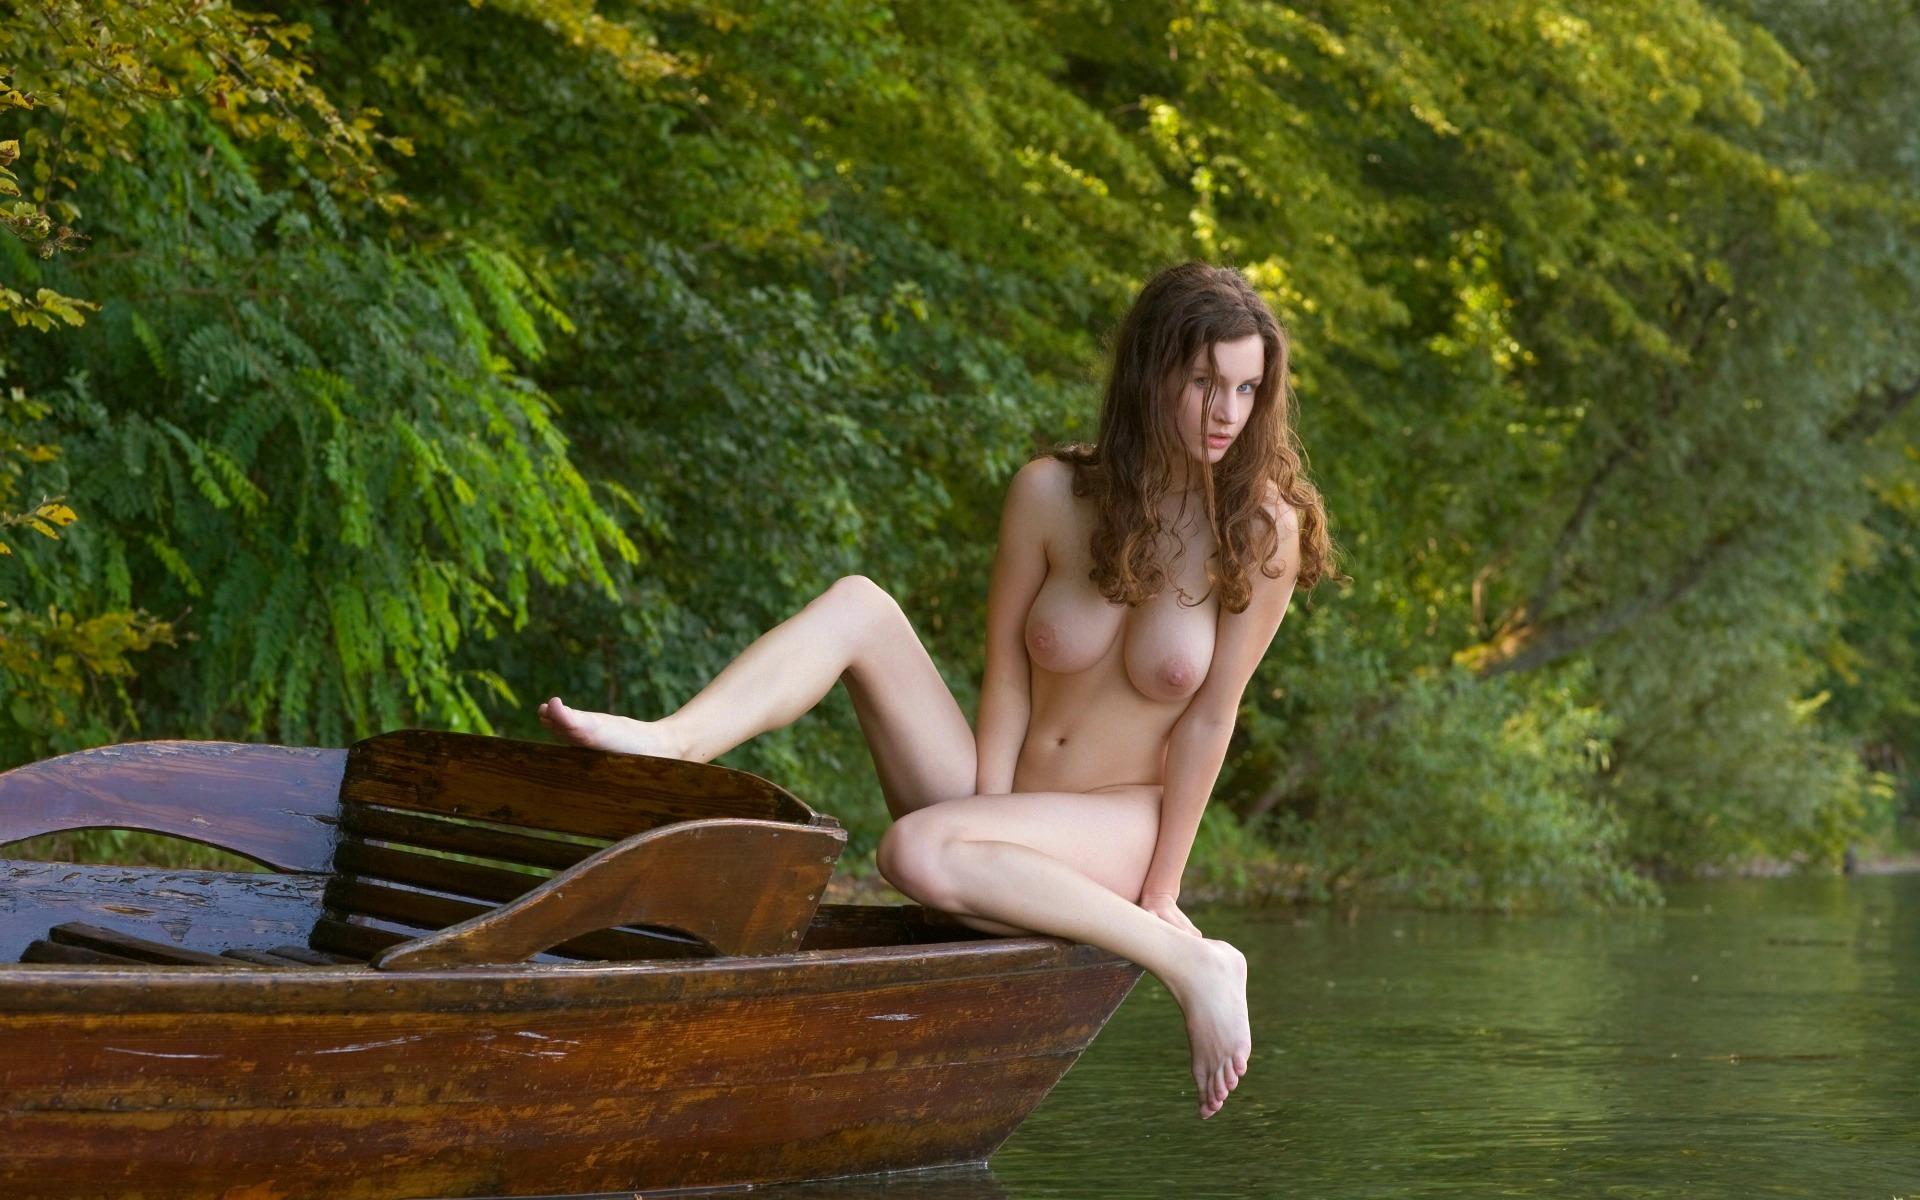 голые девушки в лодке